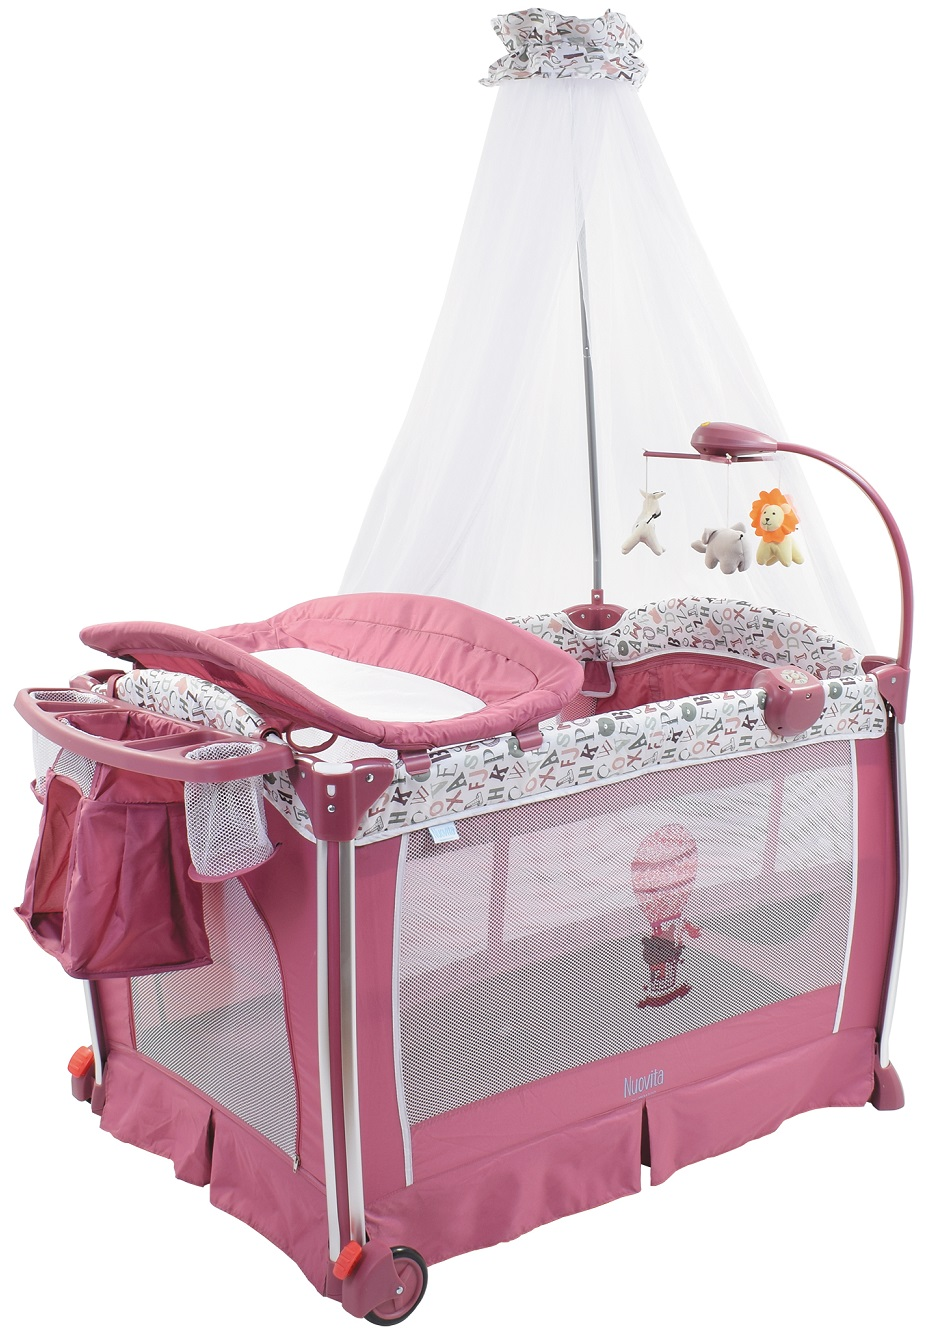 Детская кровать-манеж Nuovita Fortezza, цвет - Mauve / СиреневыйМанежи<br>Детская кровать-манеж Nuovita Fortezza, цвет - Mauve / Сиреневый<br>